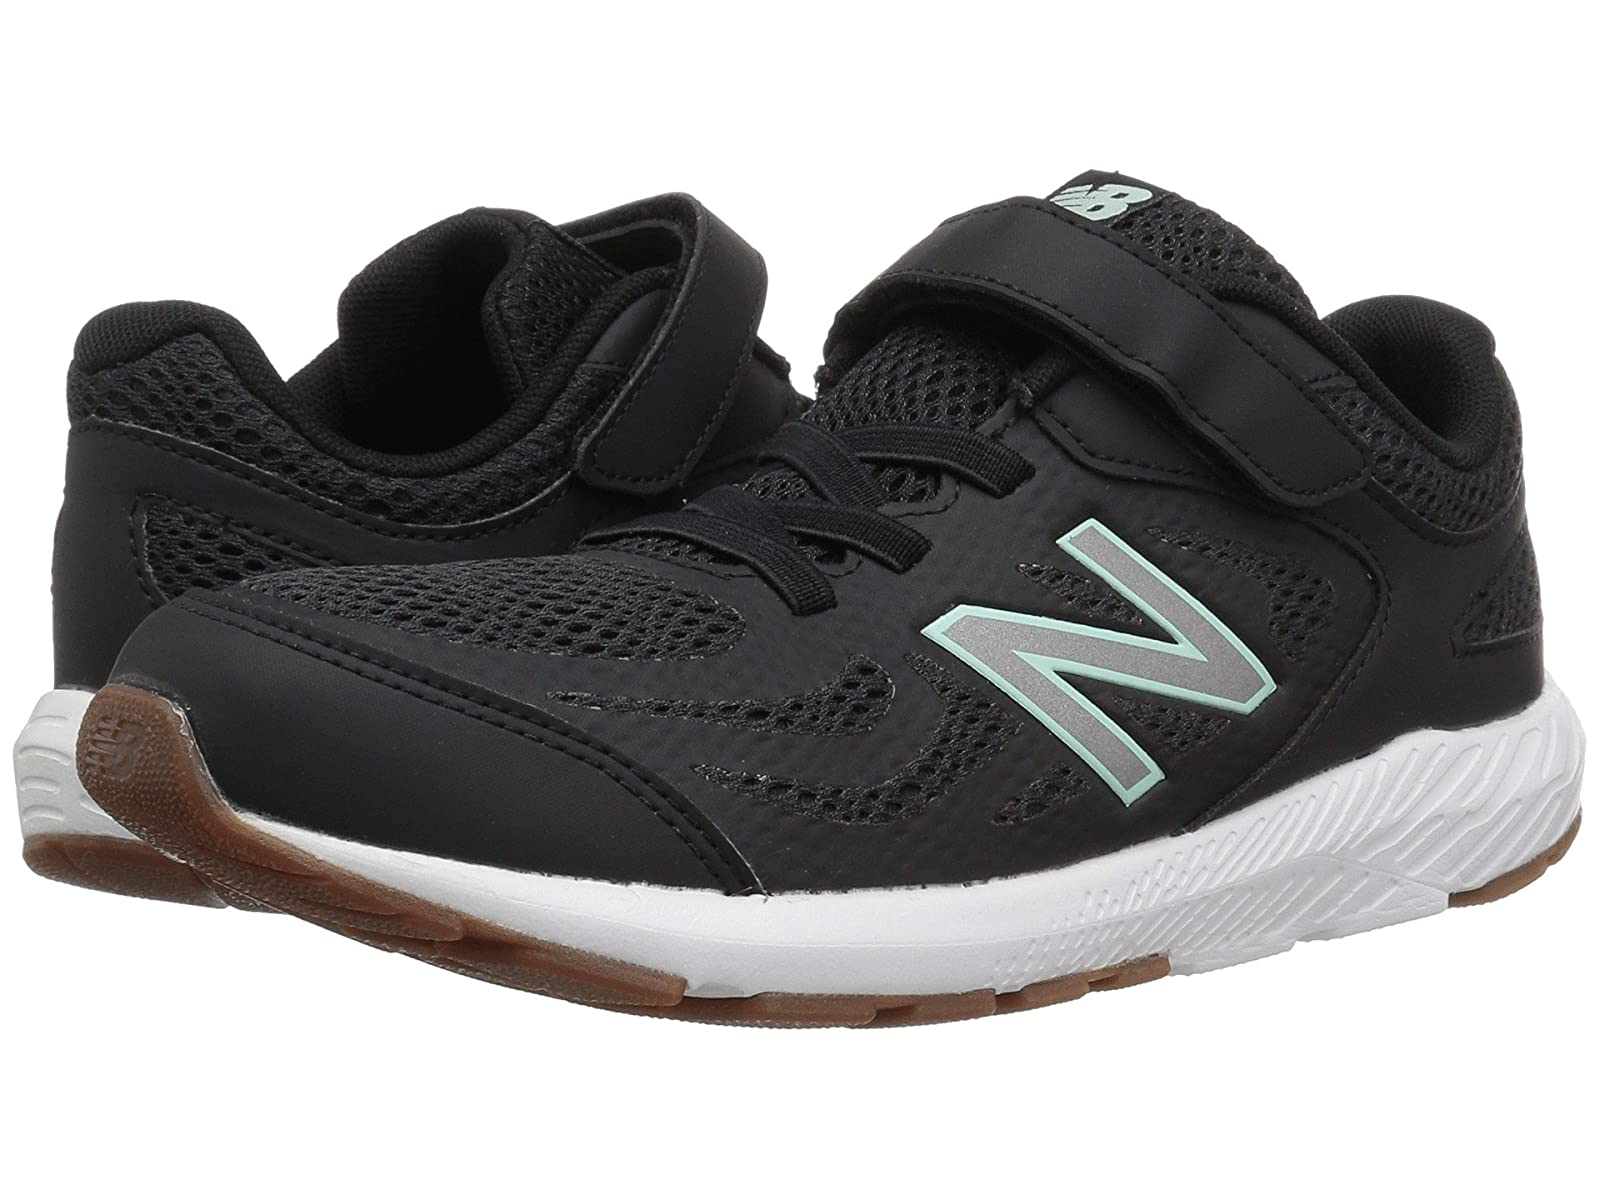 New Balance Kids KV519v1Y (Little Kid/Big Kid)Atmospheric grades have affordable shoes